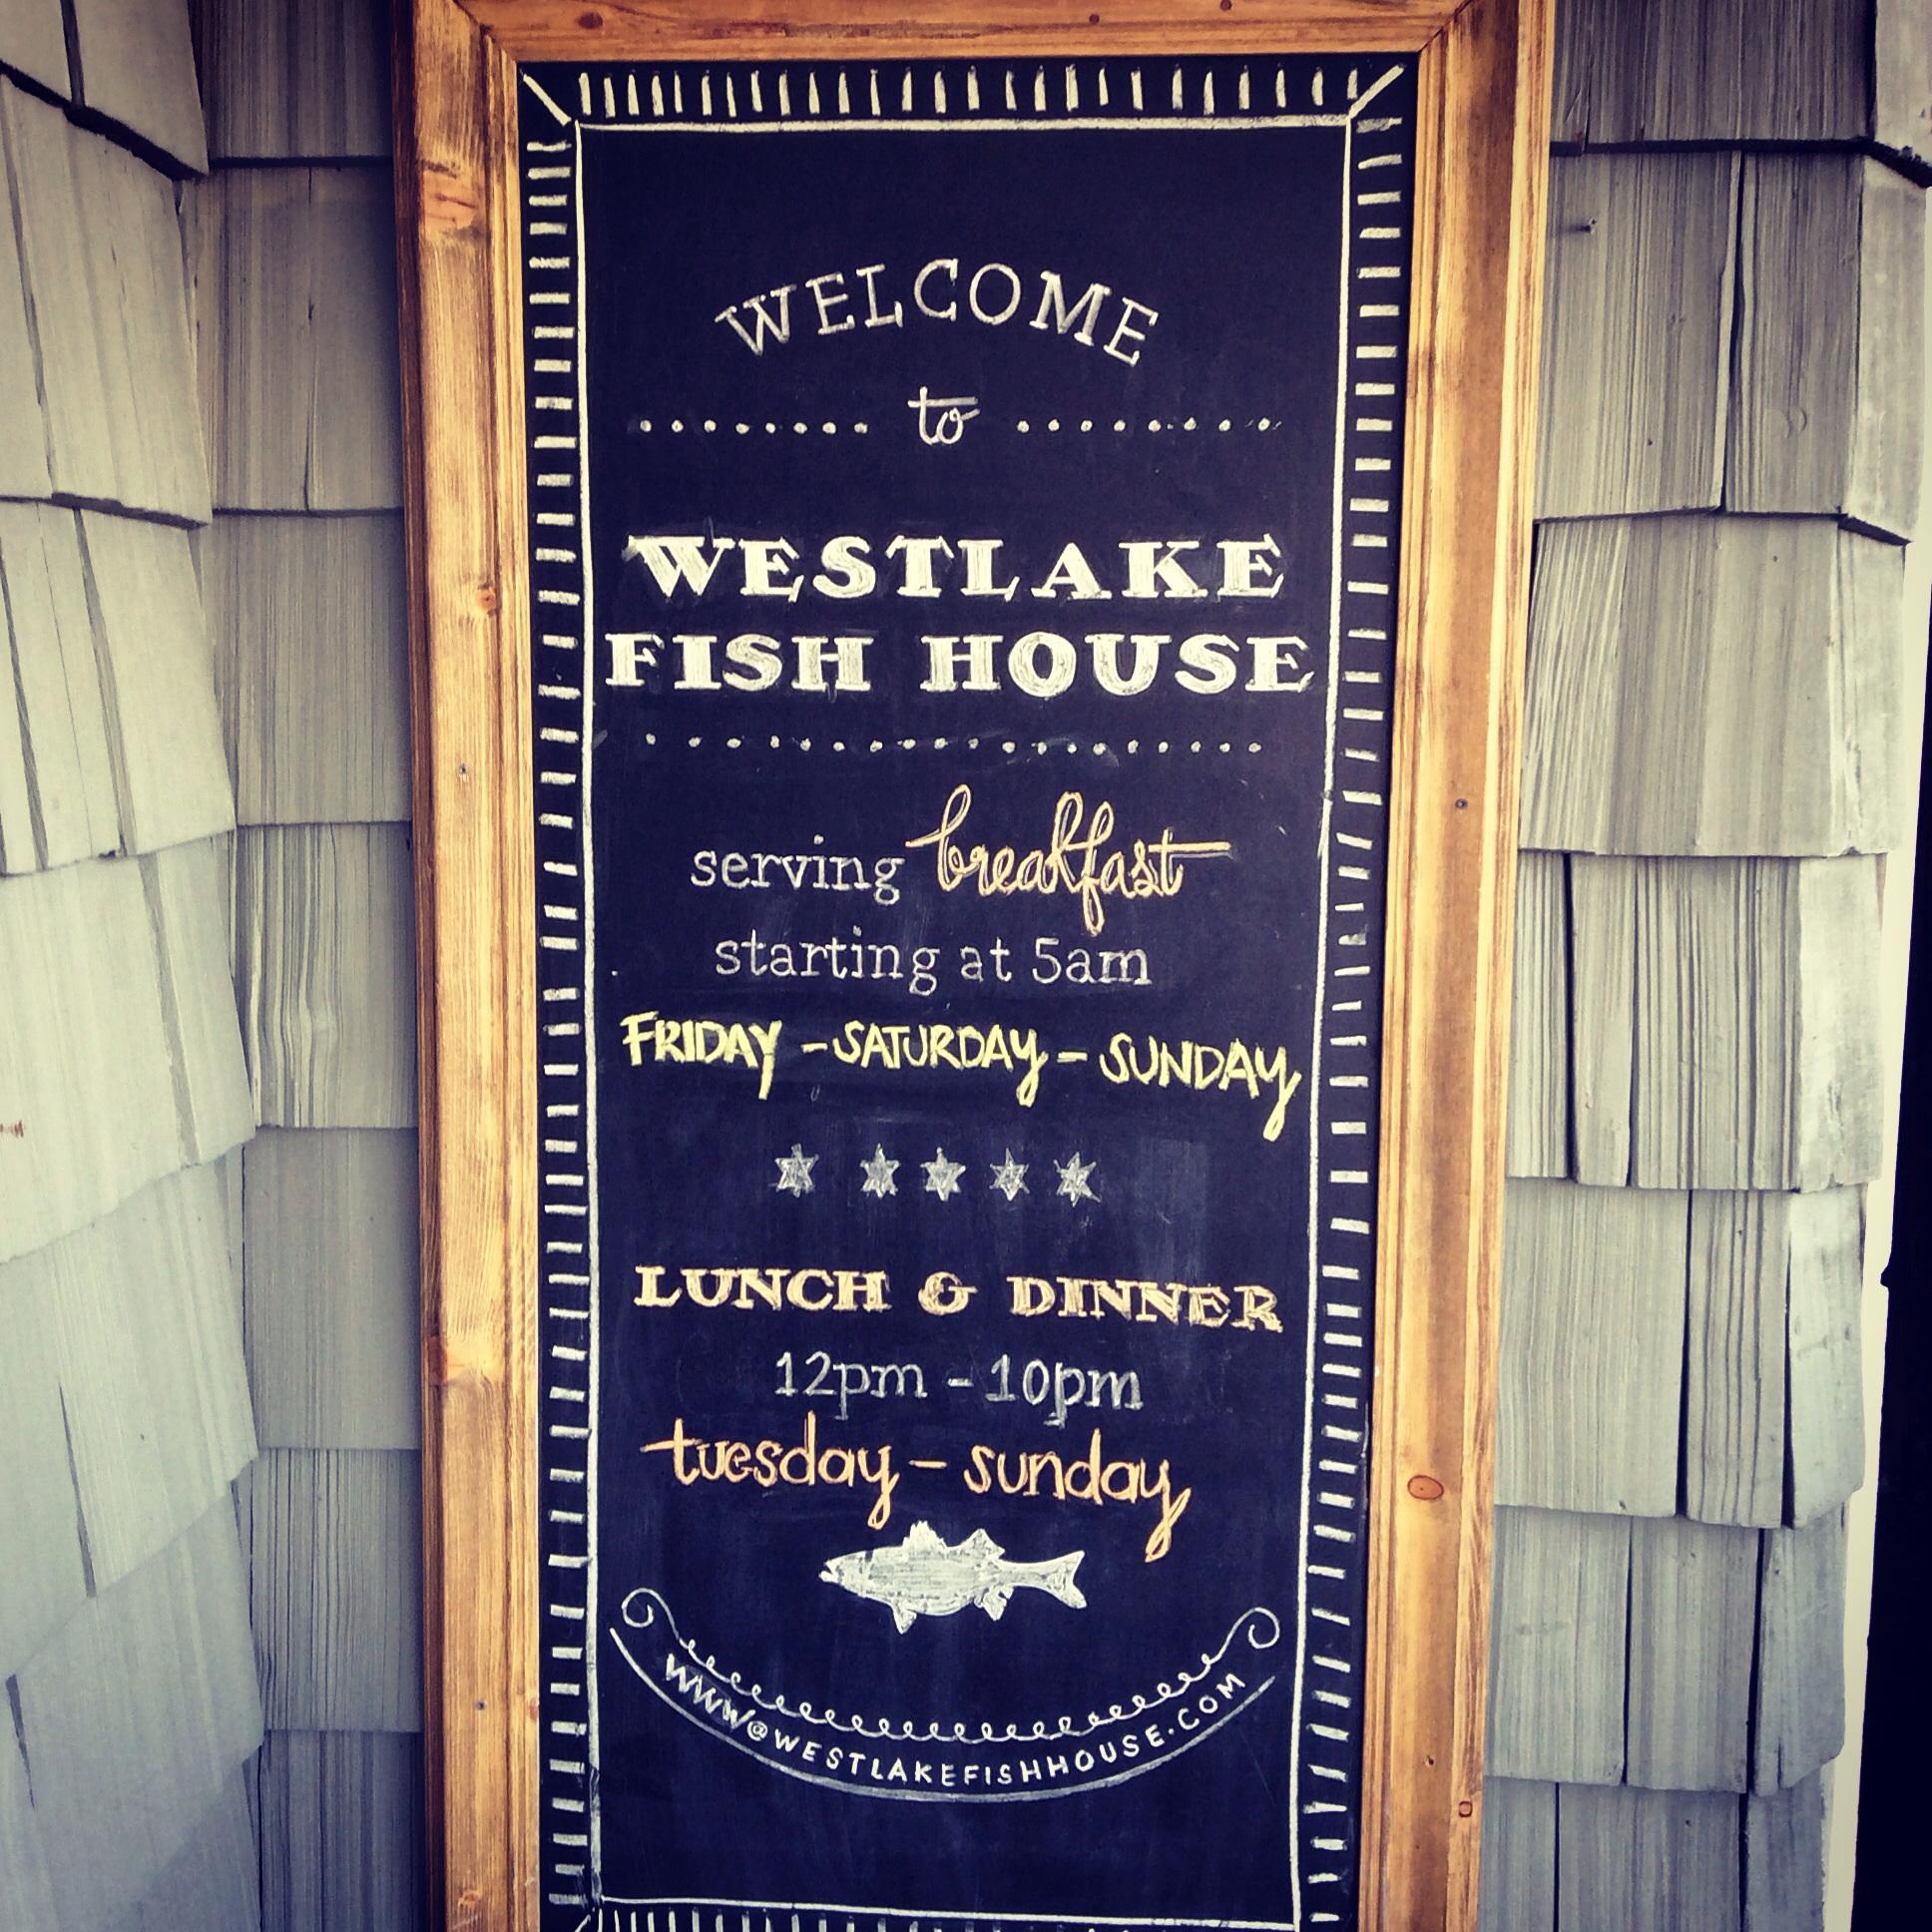 Westlake fish house coupons near me in montauk 8coupons for Fish house near me